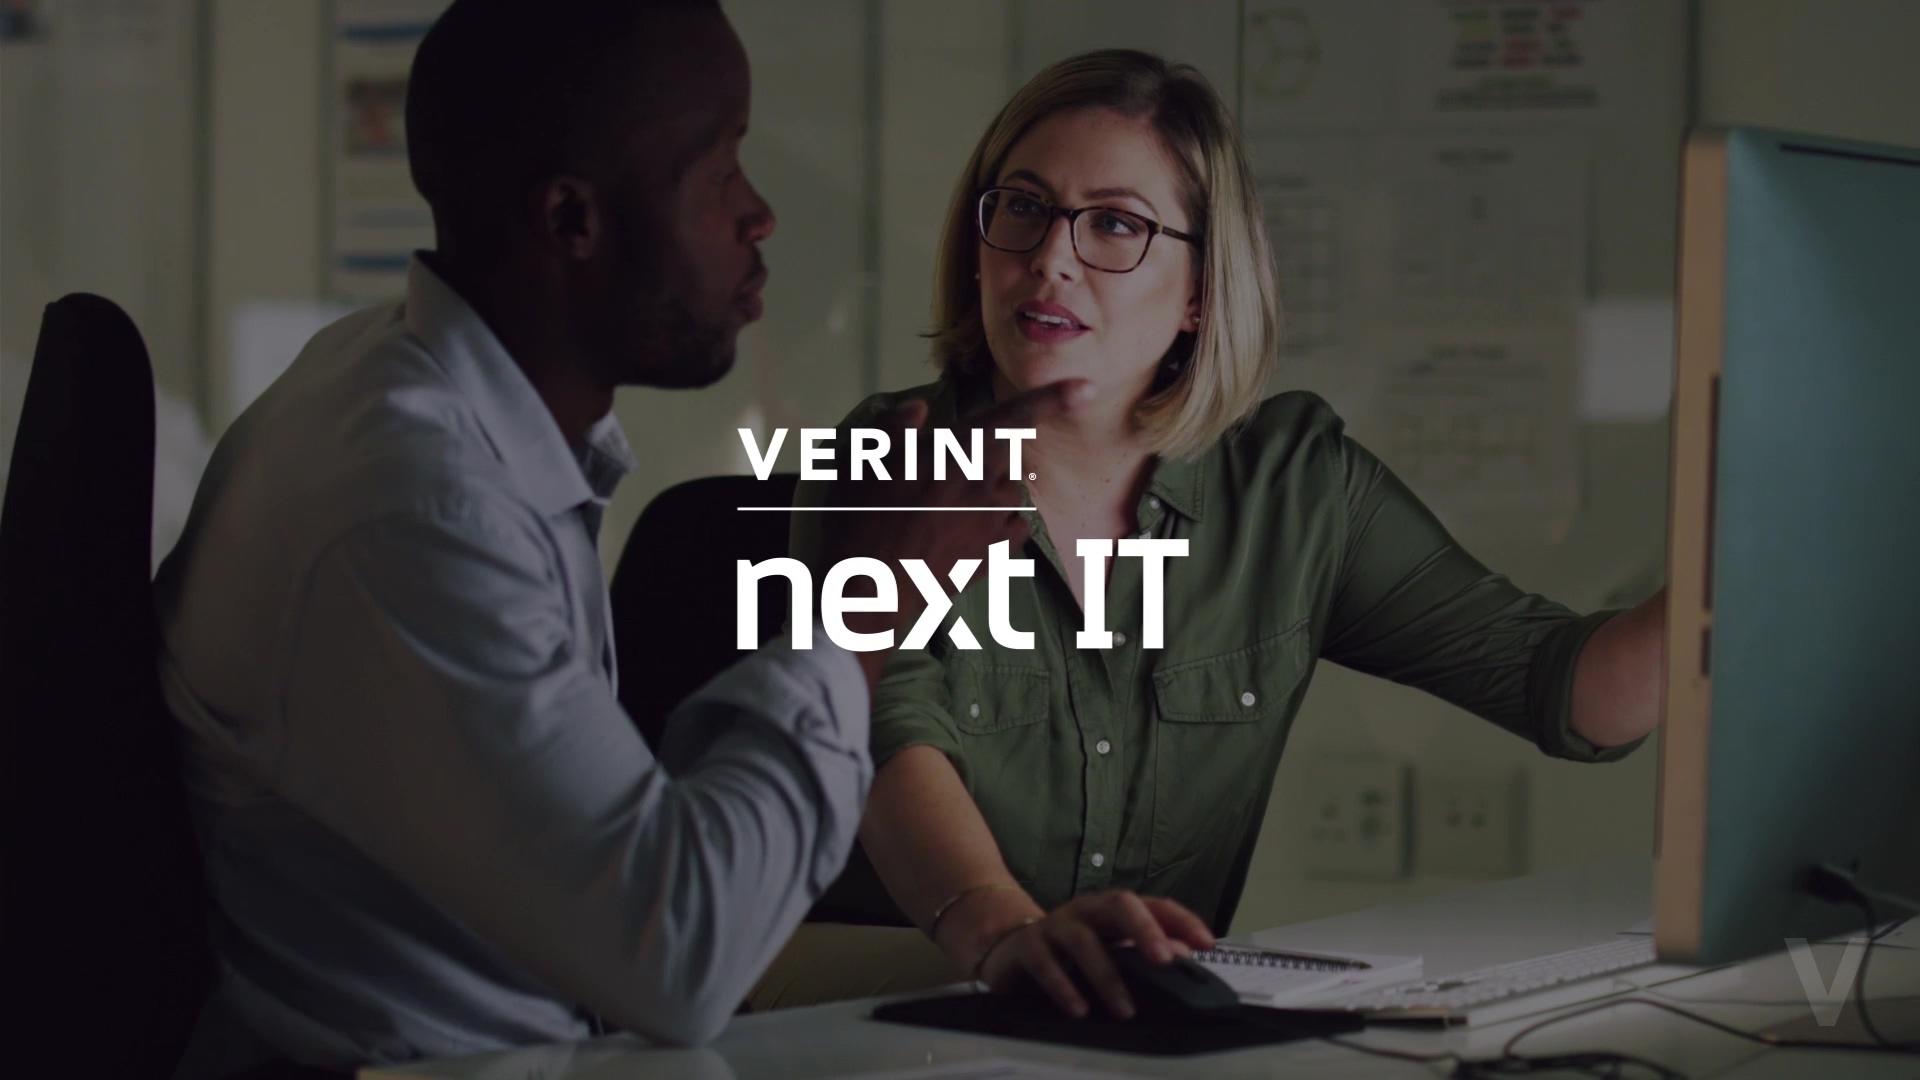 VERINT HR_2019.03.07A